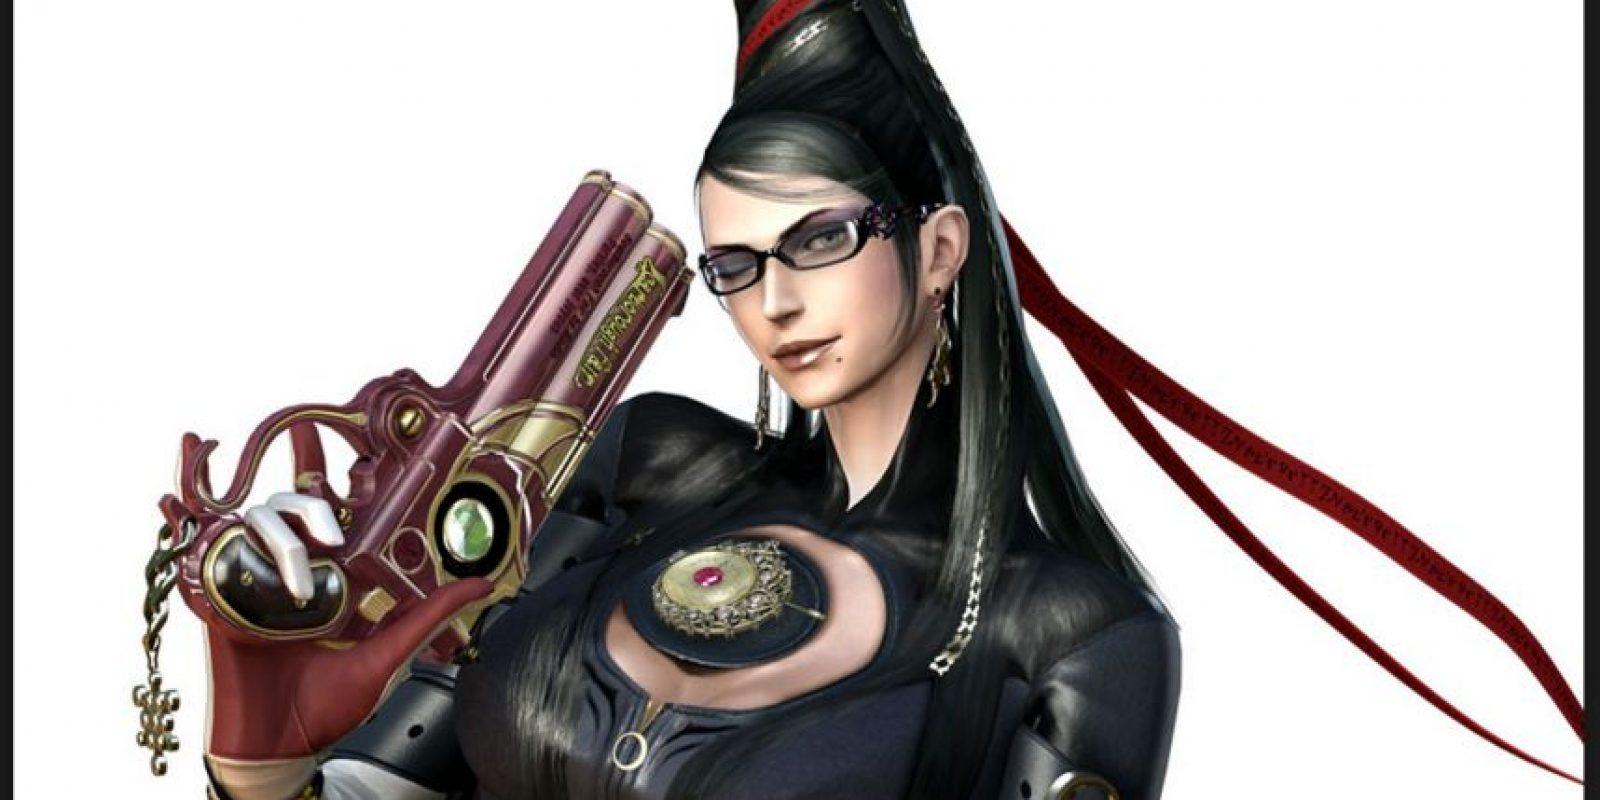 """La bruja """"Bayonetta"""" tiene su propio videojuego, en el que intenta descubrir su pasado mientras destruye ángeles malvado y demonios Foto:Platinum Games / Sega"""